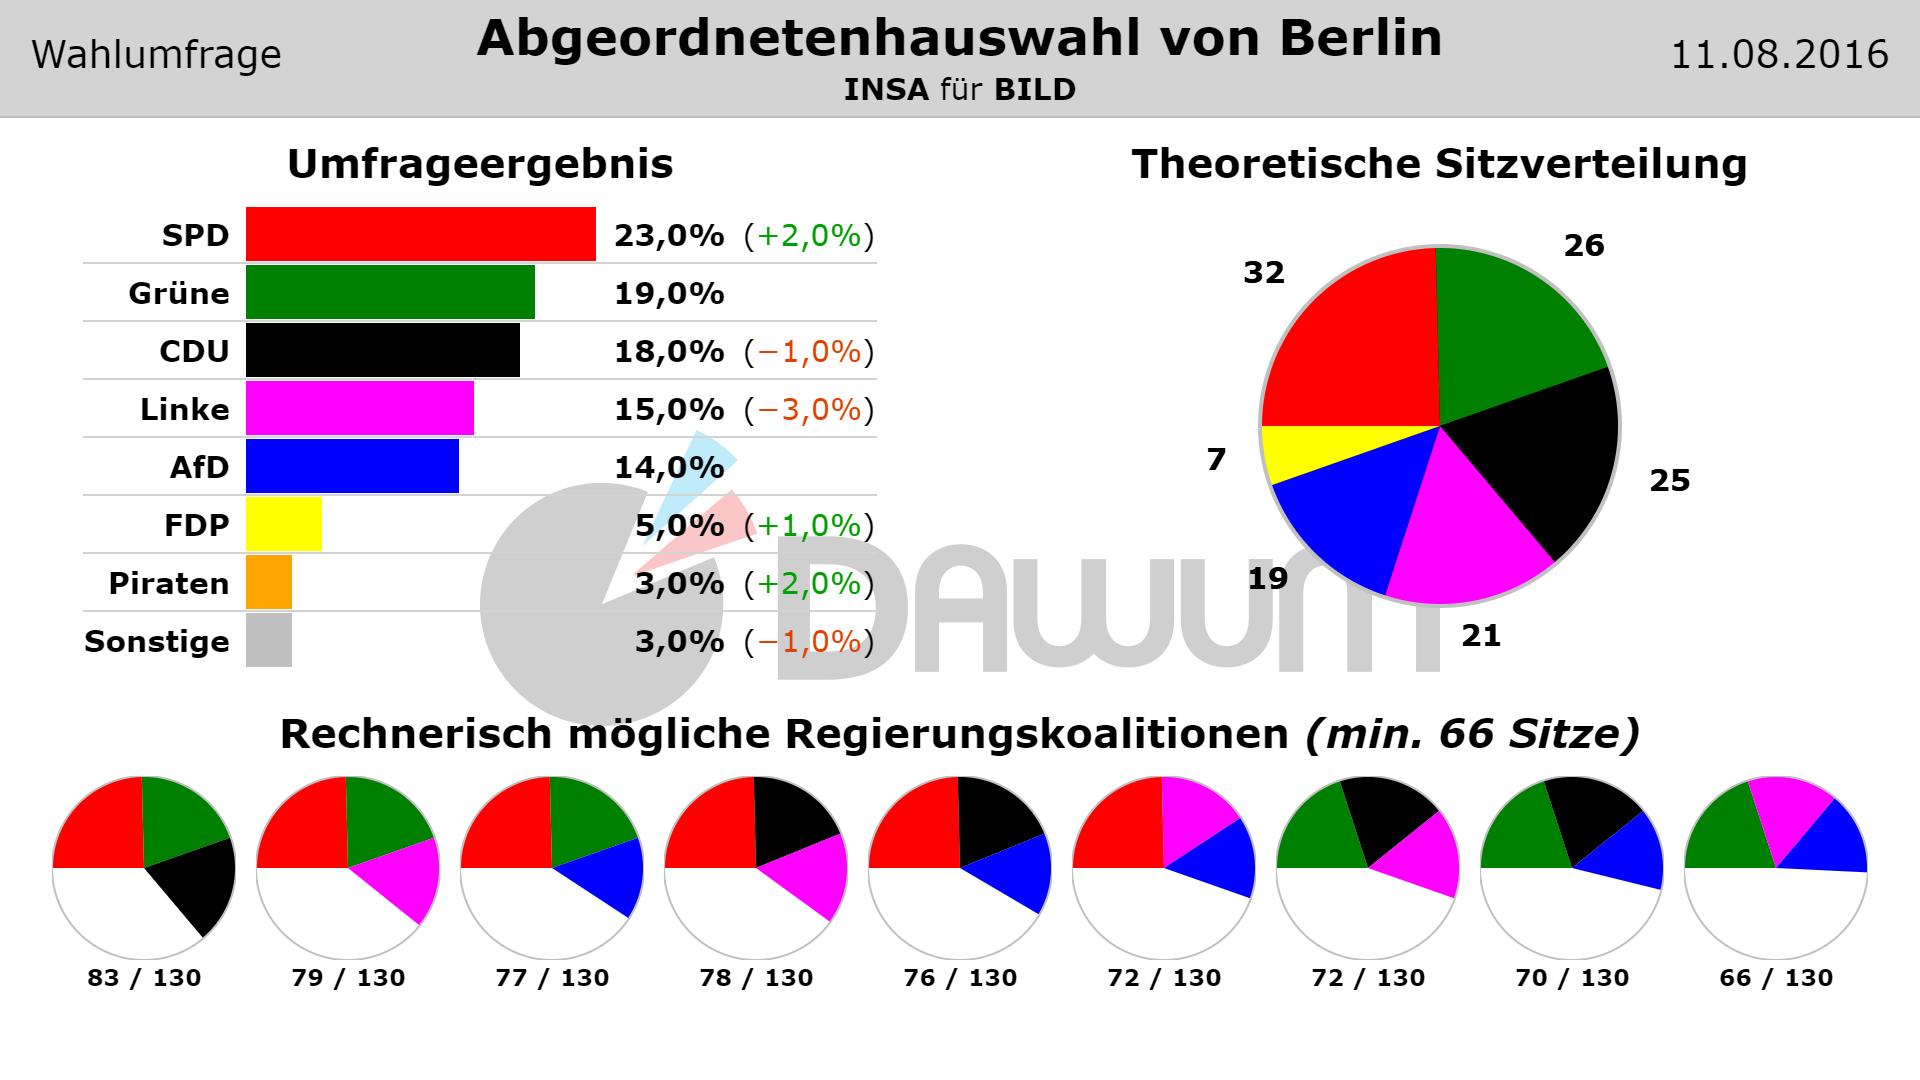 #Wahlumfrage zur #Abgeordnetenhauswahl von Berlin (INSA - 11.08.2016) #aghw